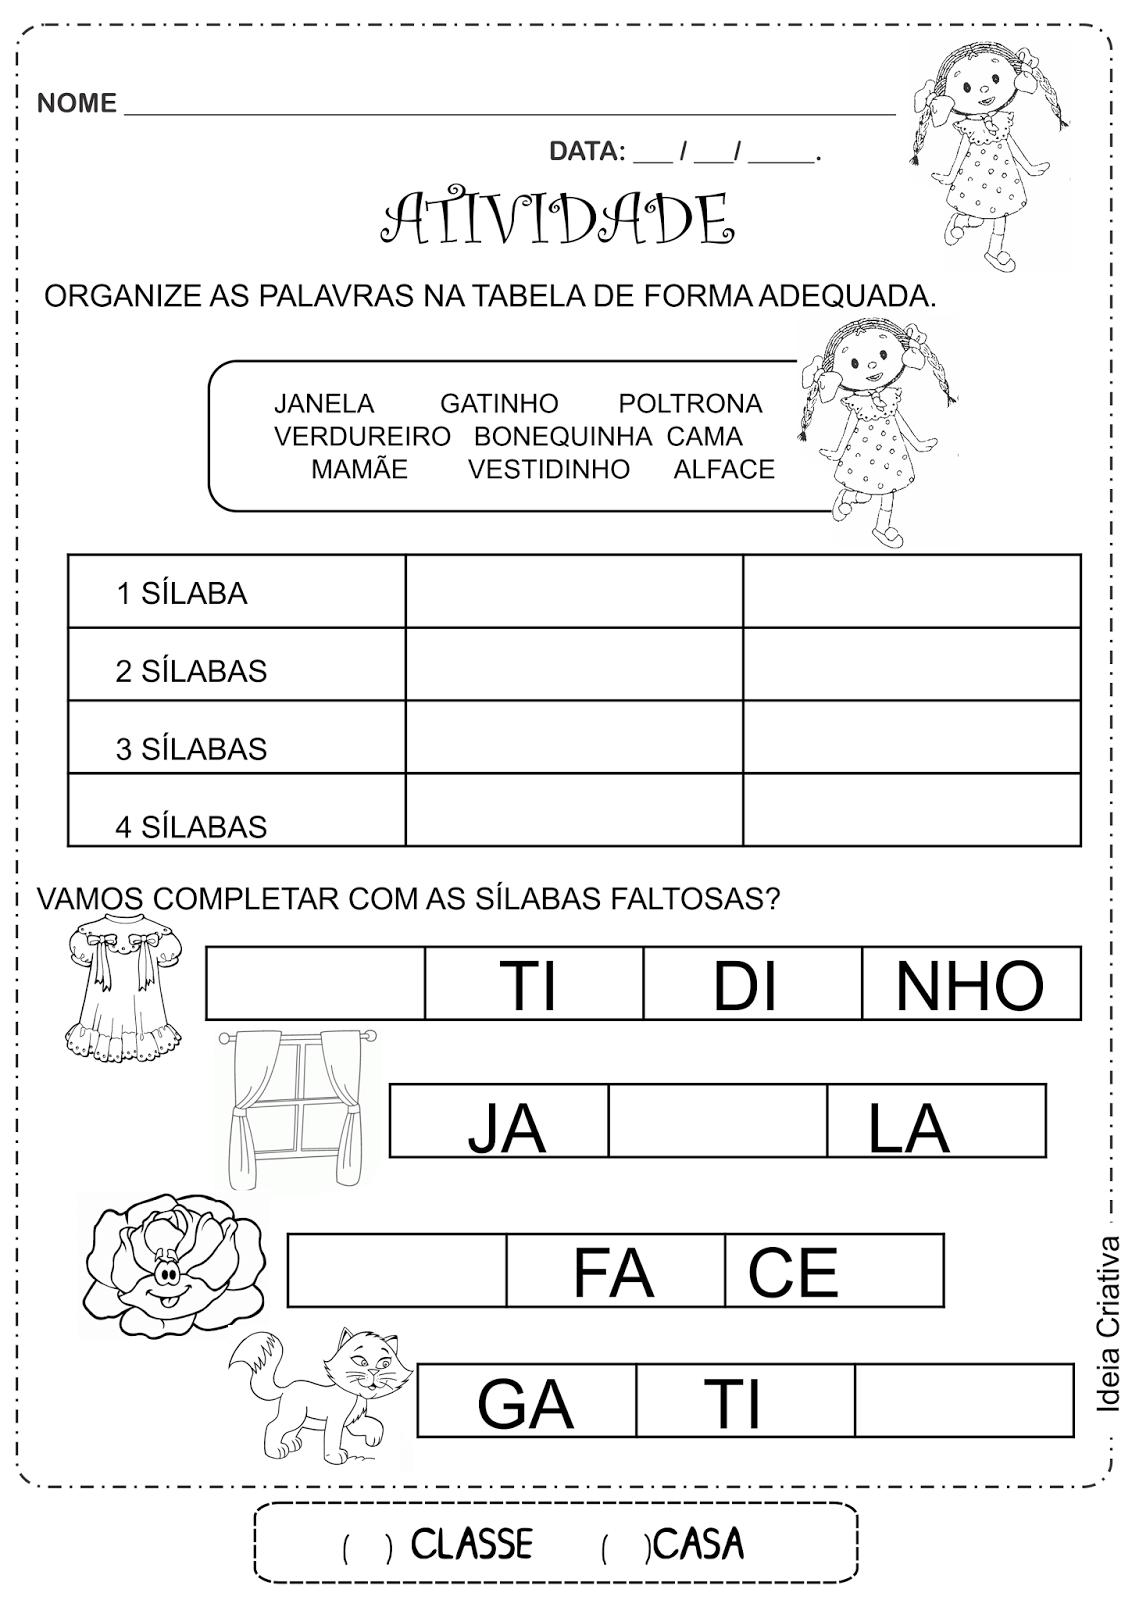 atividade-do-livro-abonequinha-preta-alfabetizacao-silabas